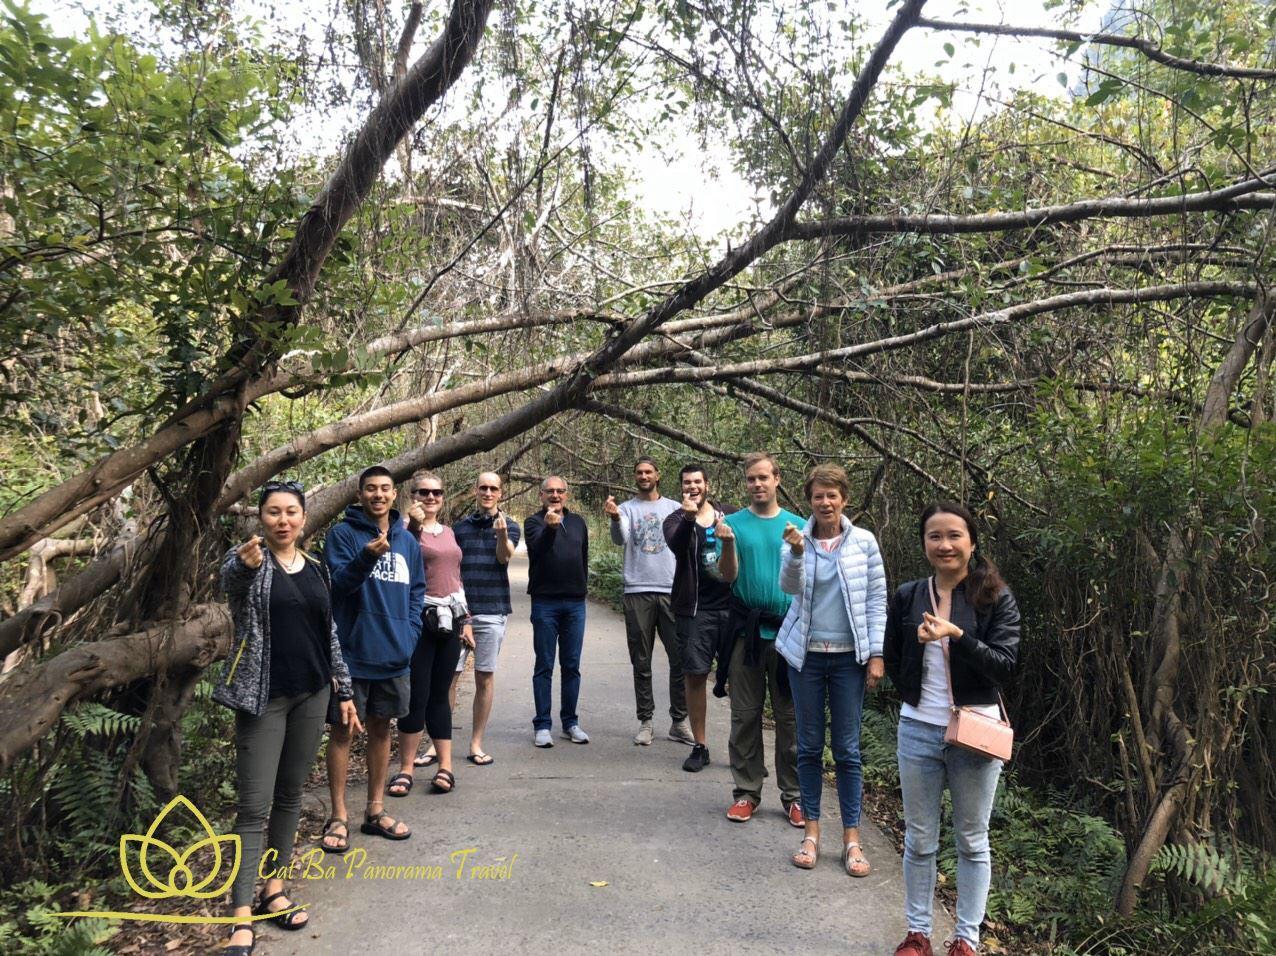 Làng chài Việt Hải - Nơi yên bình được bao bọc bởi biển rừng